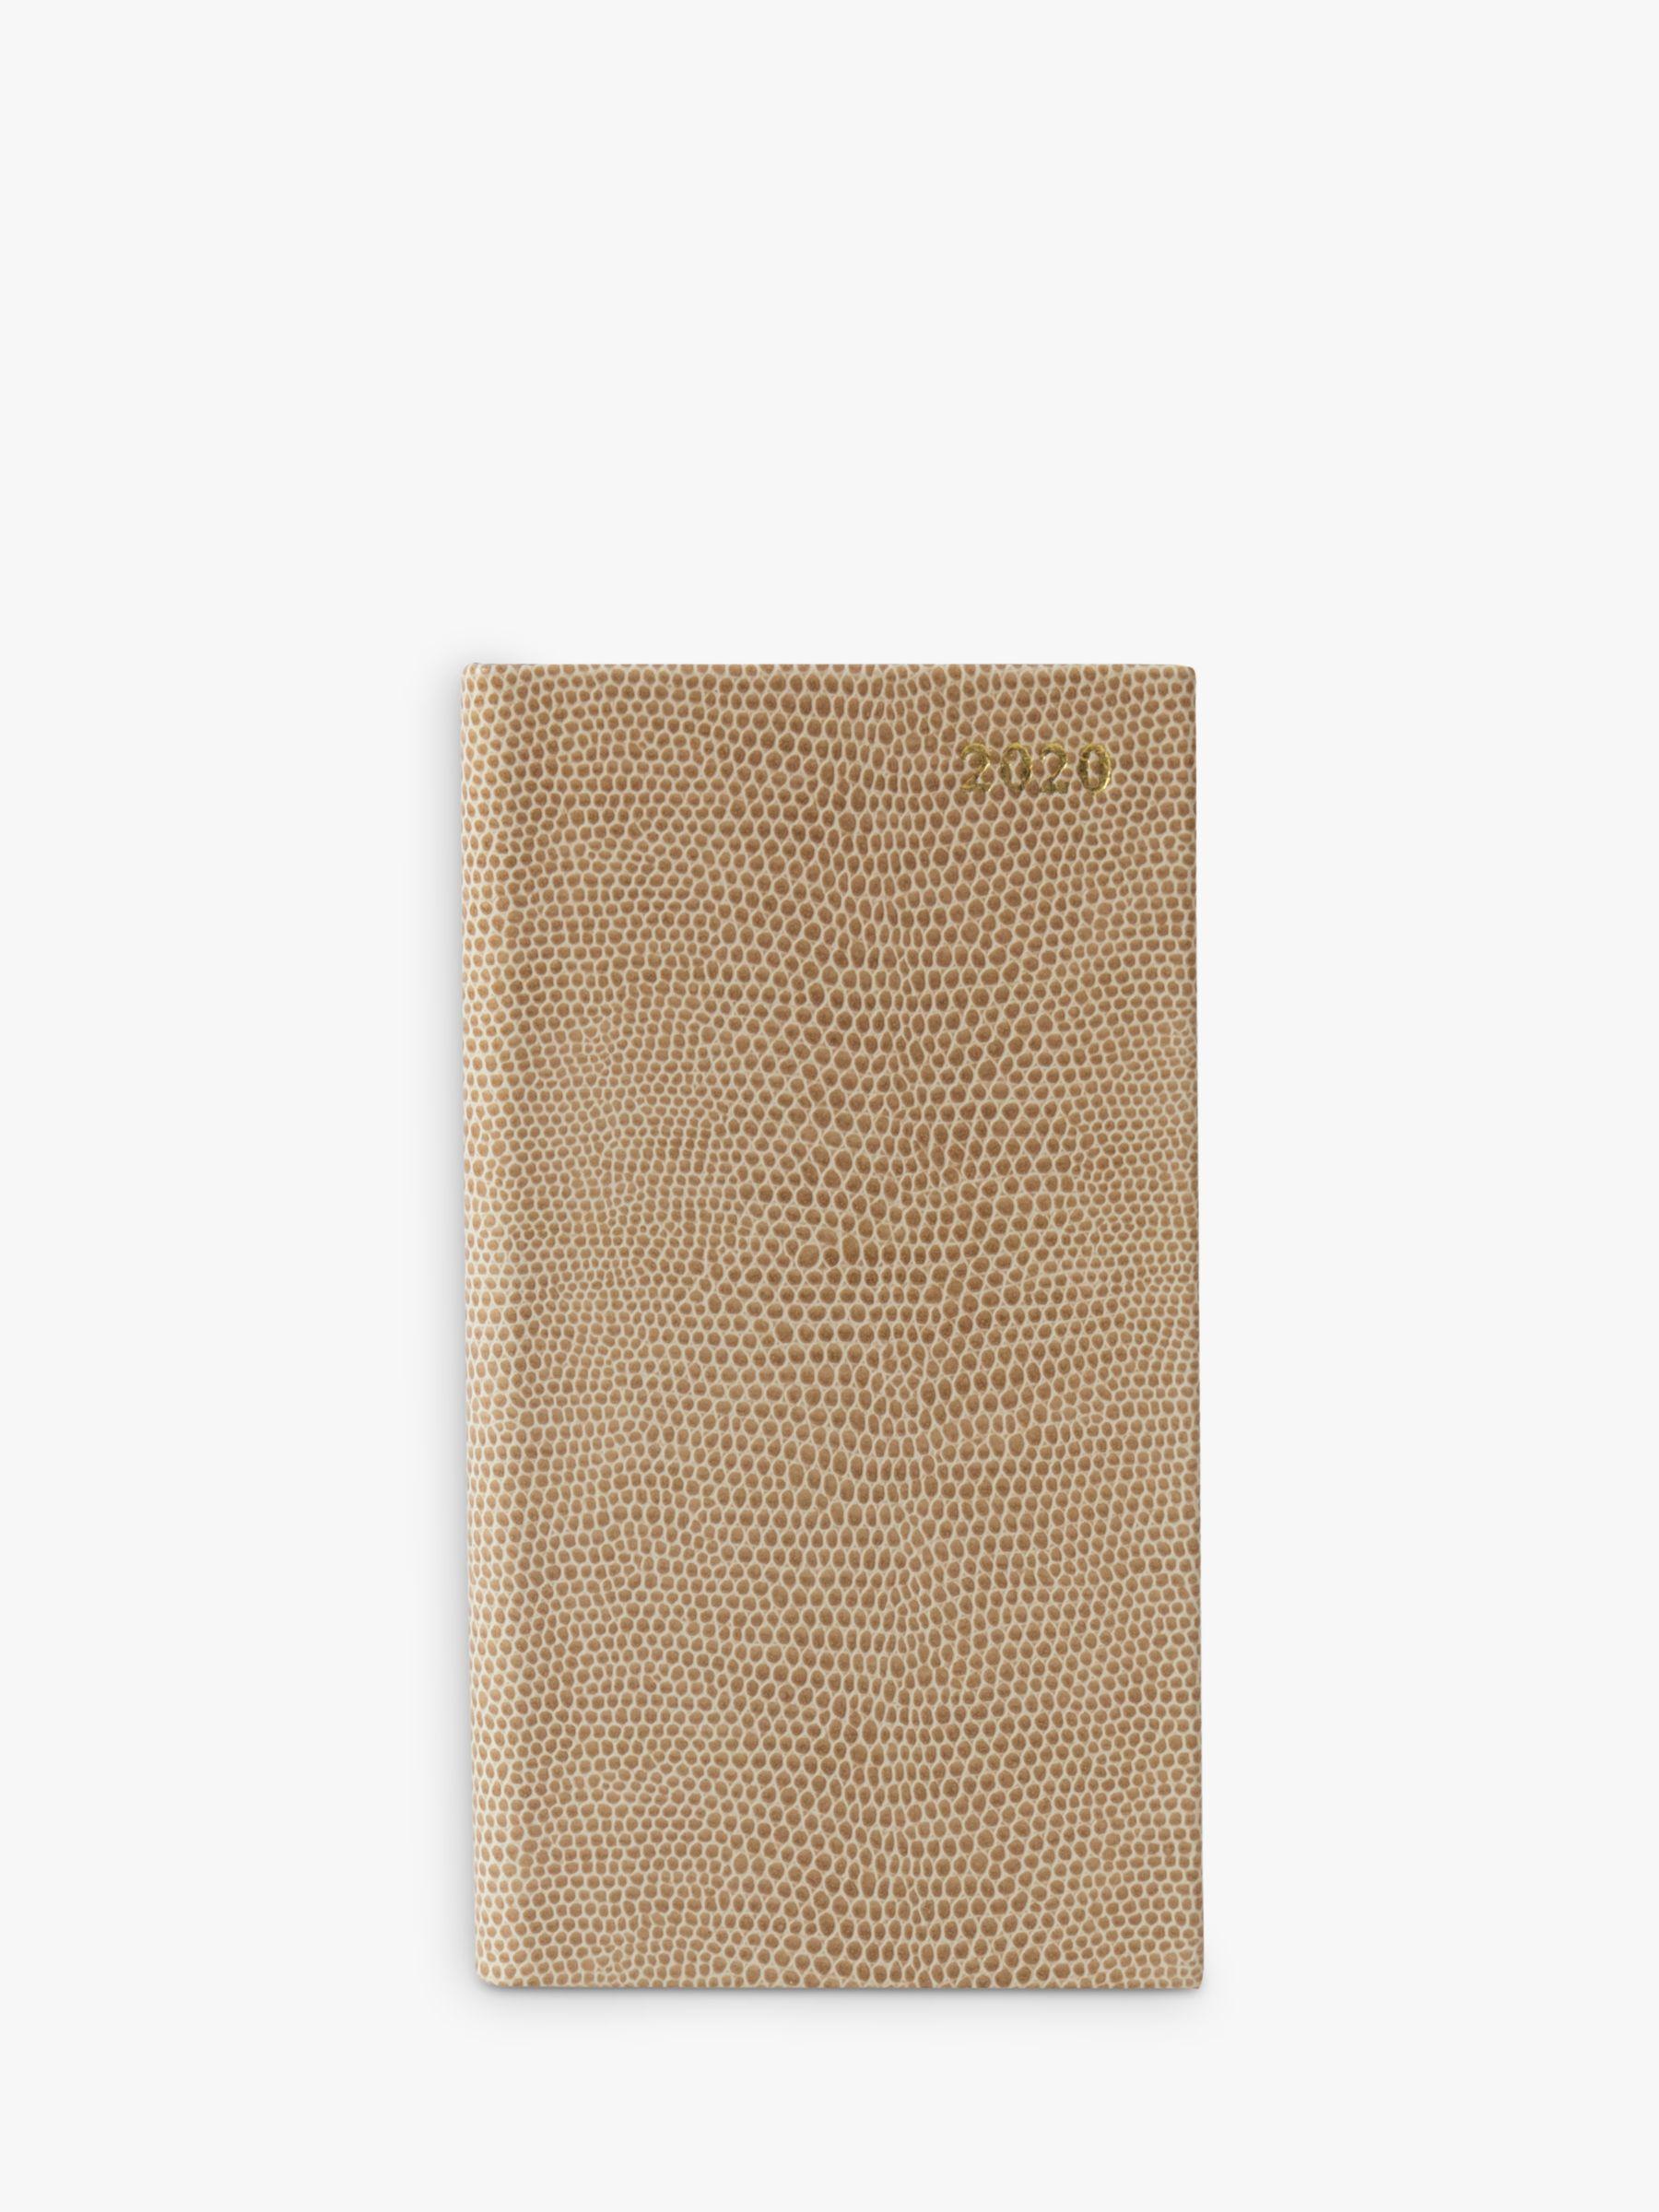 Portico Portico Mock Croc Slim Diary 2020